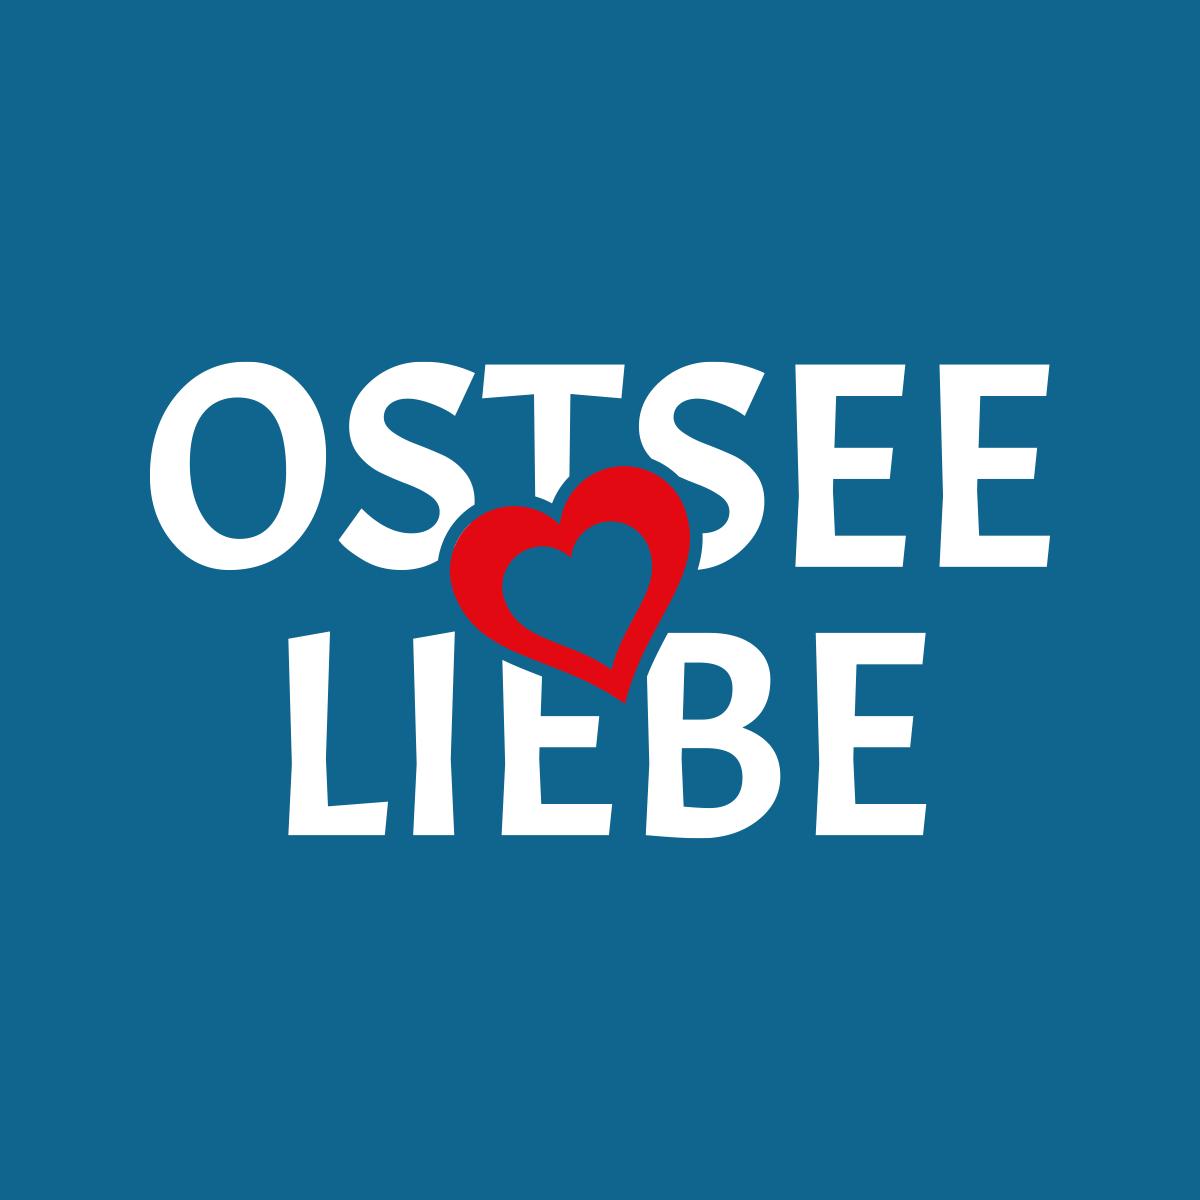 Ostseeliebe - TYP01B